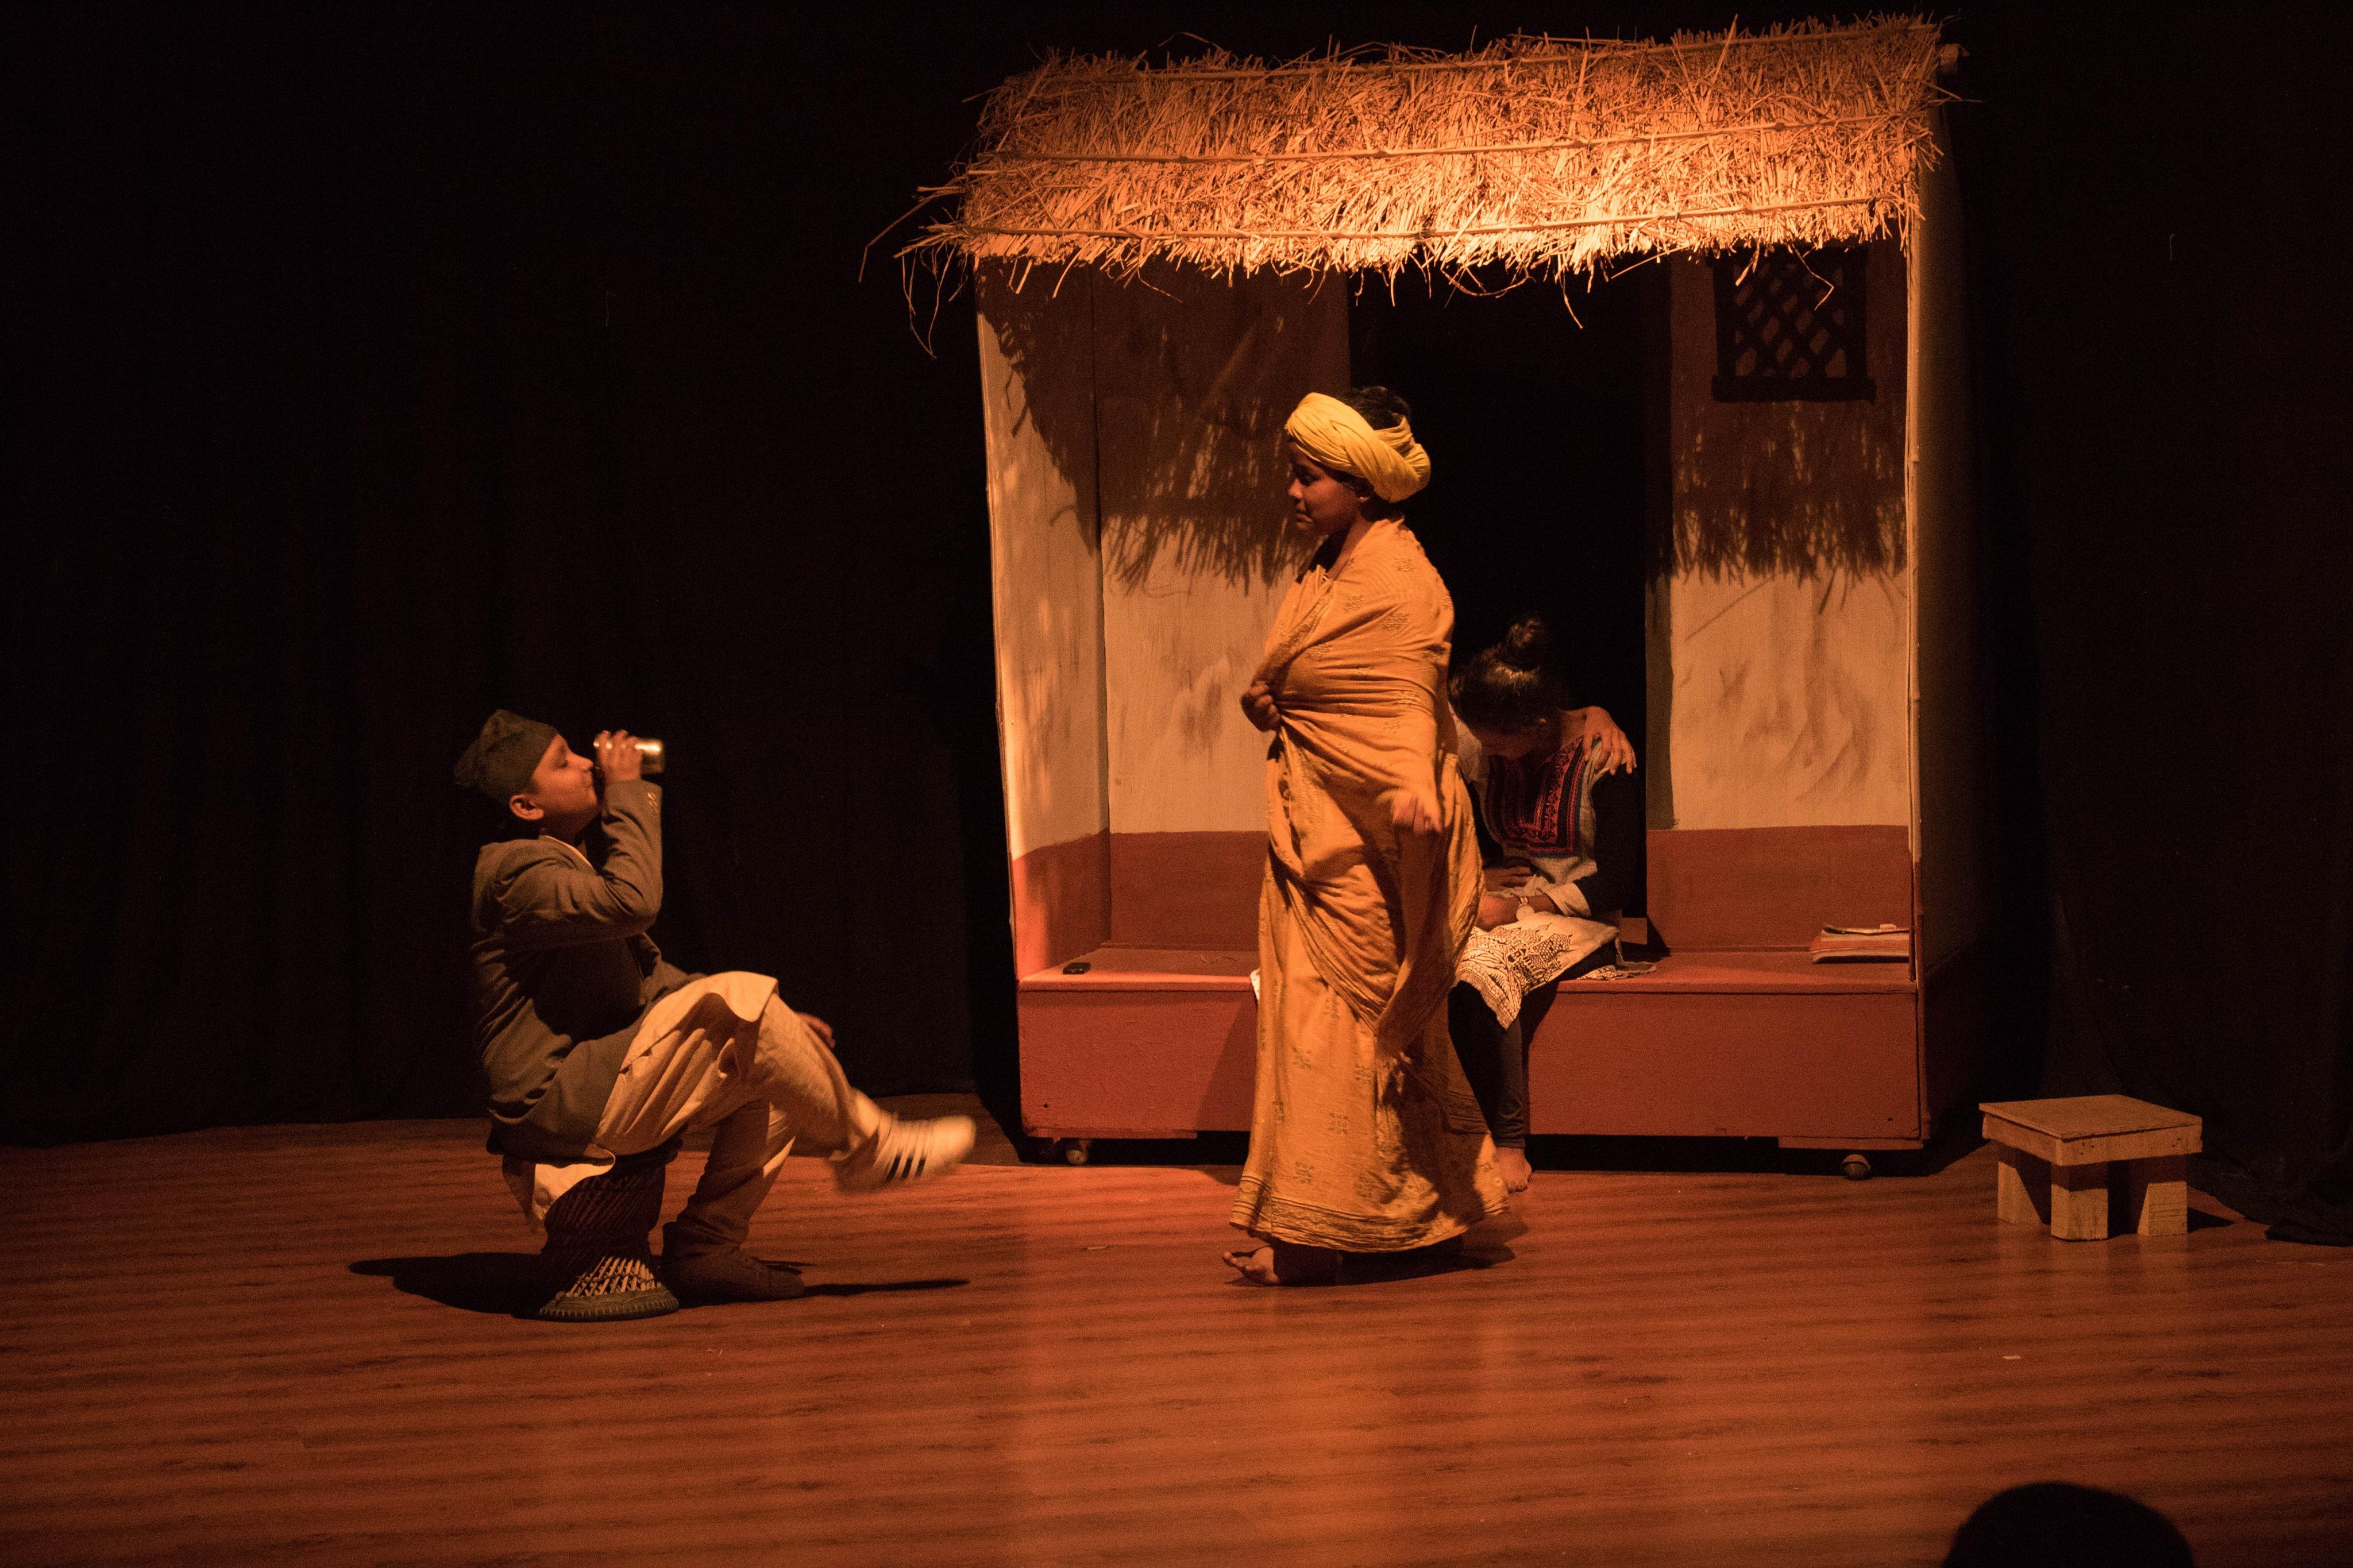 विद्यालय नाटक महोत्सवमा 'छाउपडी' को कथा